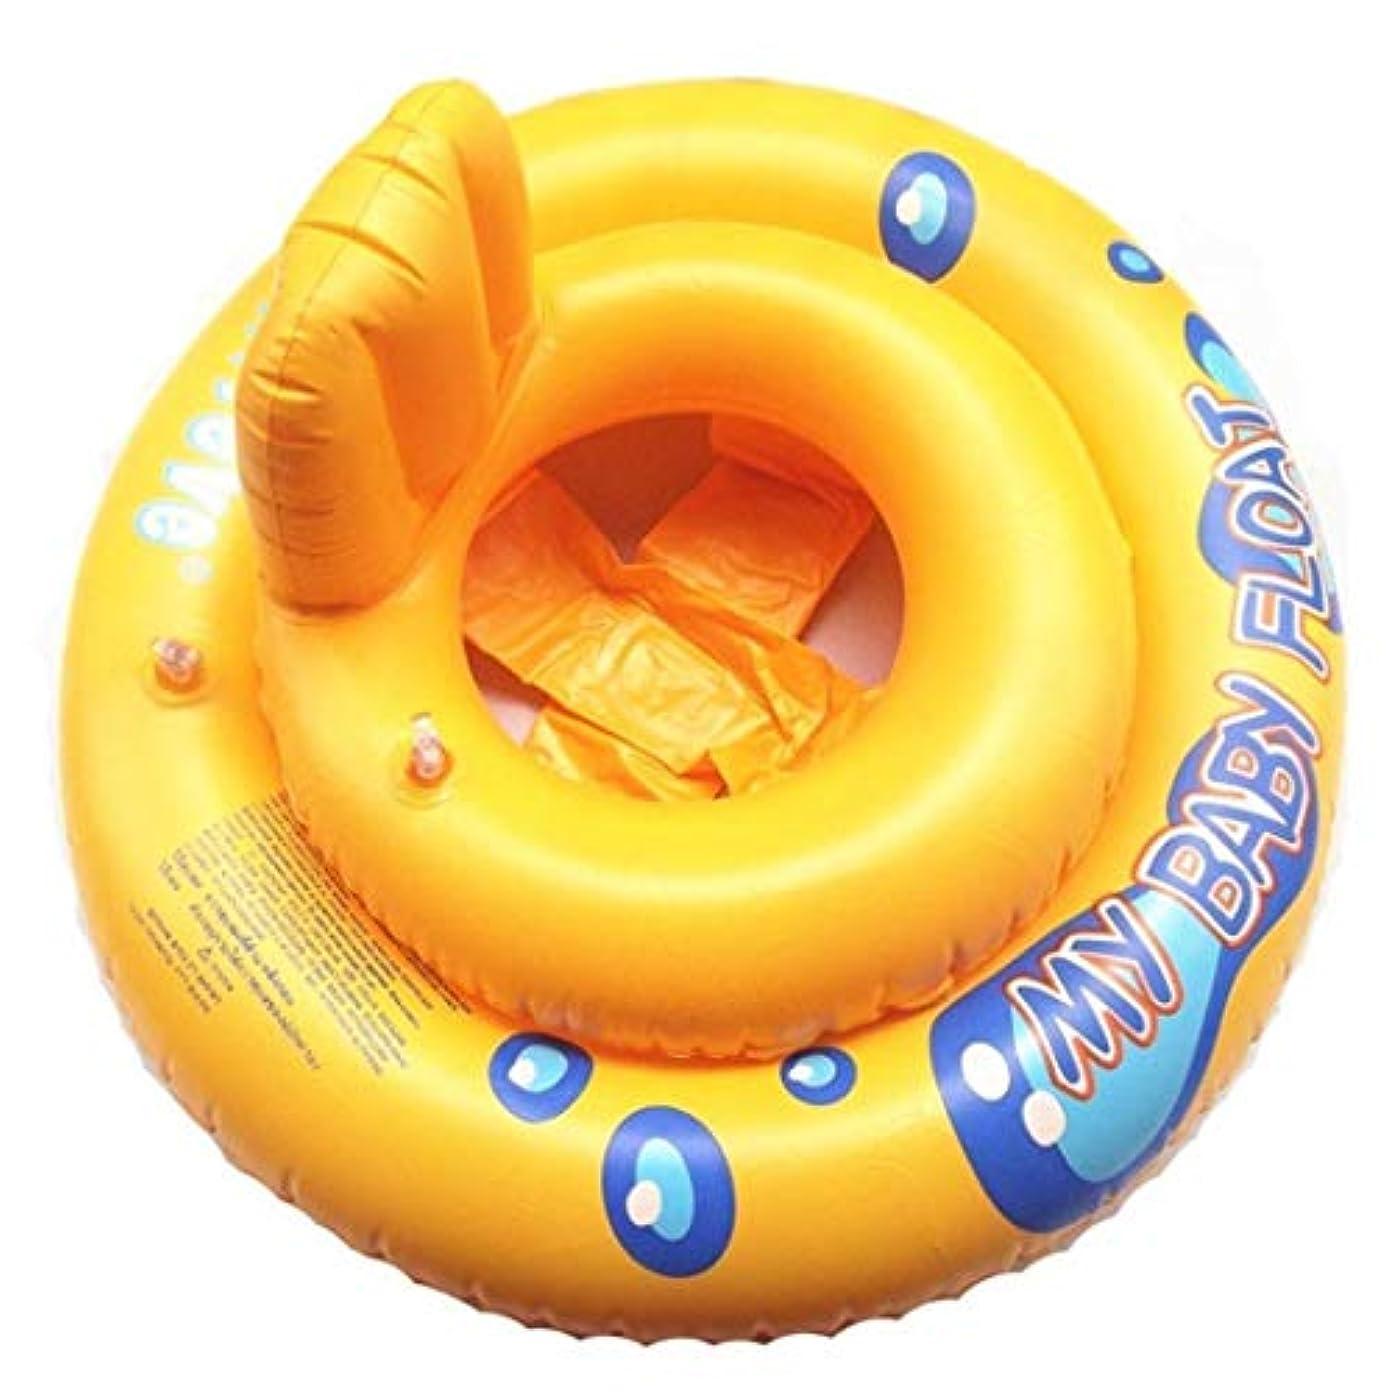 どきどき愛吸収neneleo ベビー 水泳 幼児 フロートリング シート ボート 安全 水泳アクセサリー スローリング